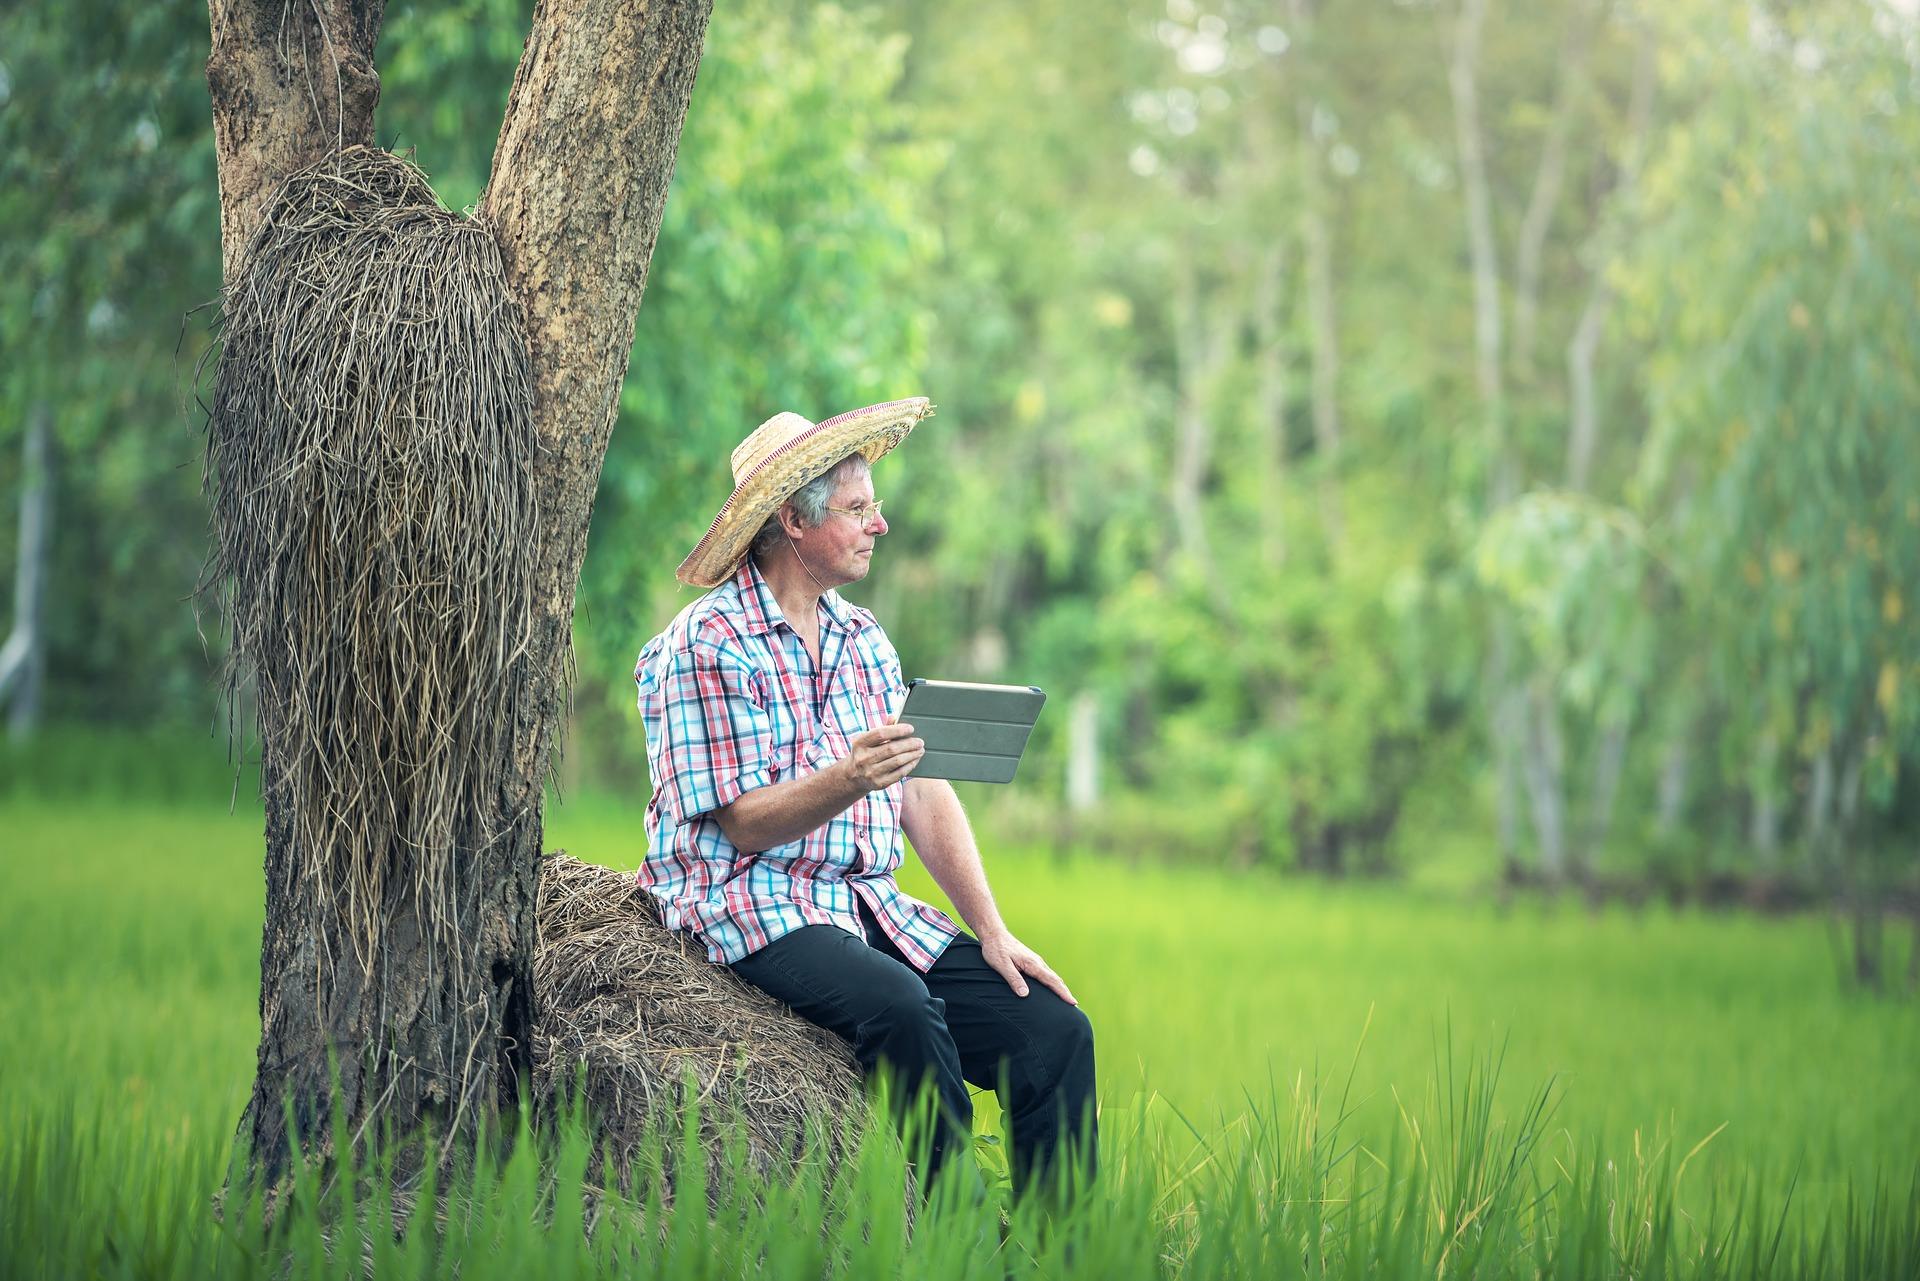 Wyszkolą rolników przez Internet – dziś Dolny Śląsk